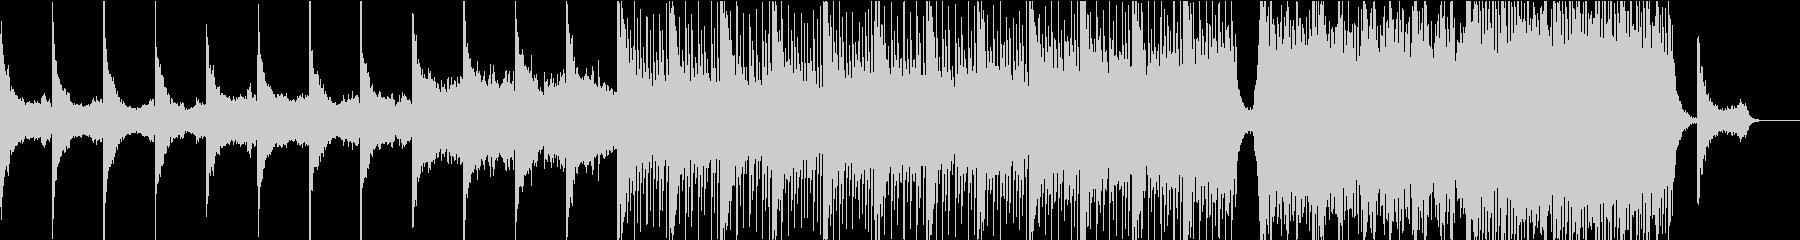 オーケストラ曲アンビエント→ポジティブの未再生の波形